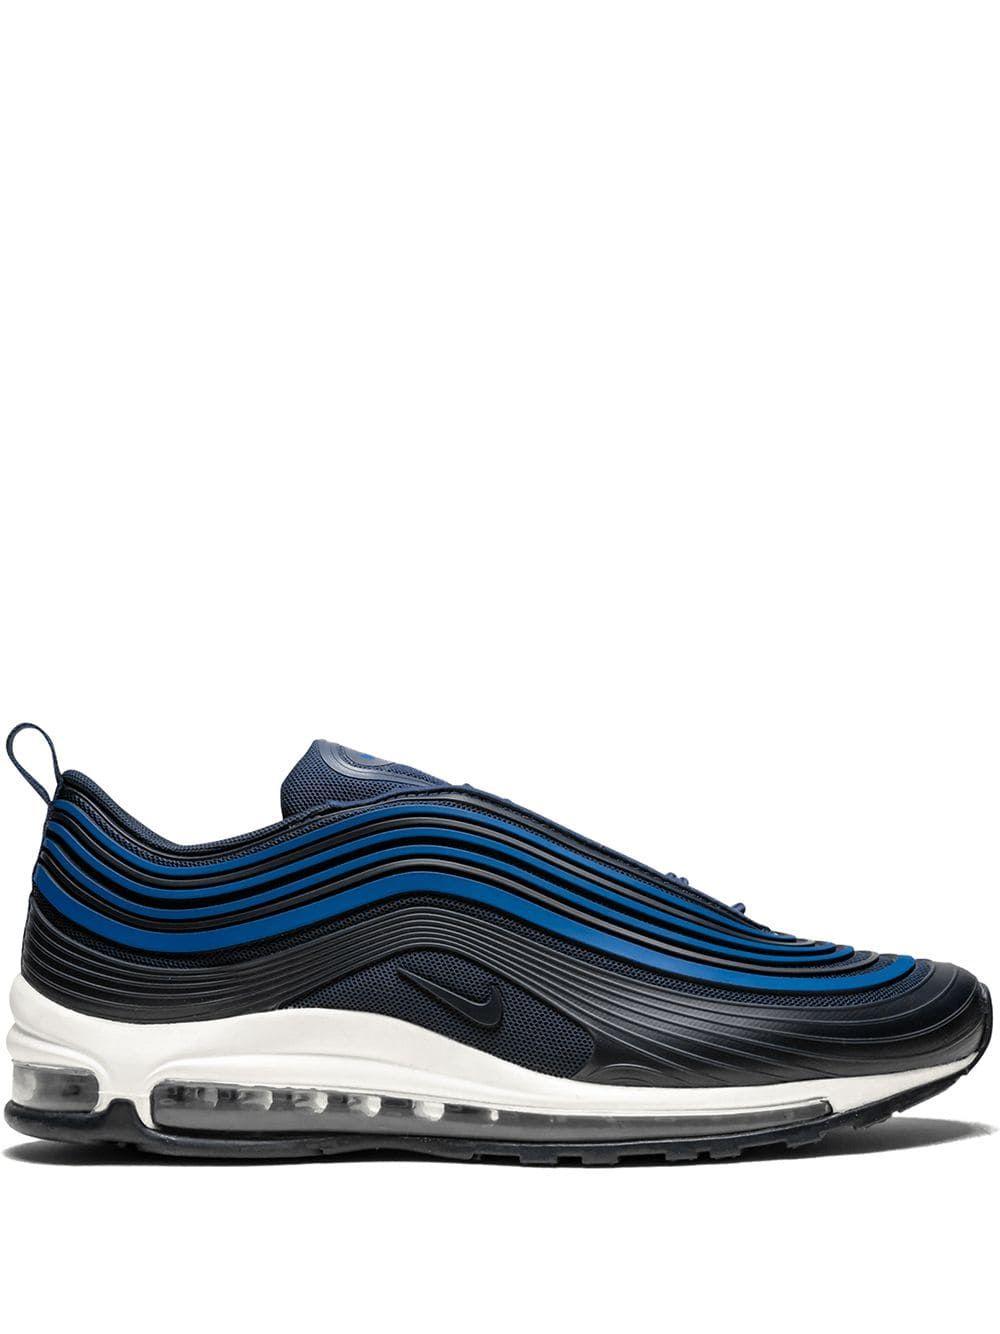 Nike Air Max 97 UL 17 W Schuhe Wei Blau für Damen